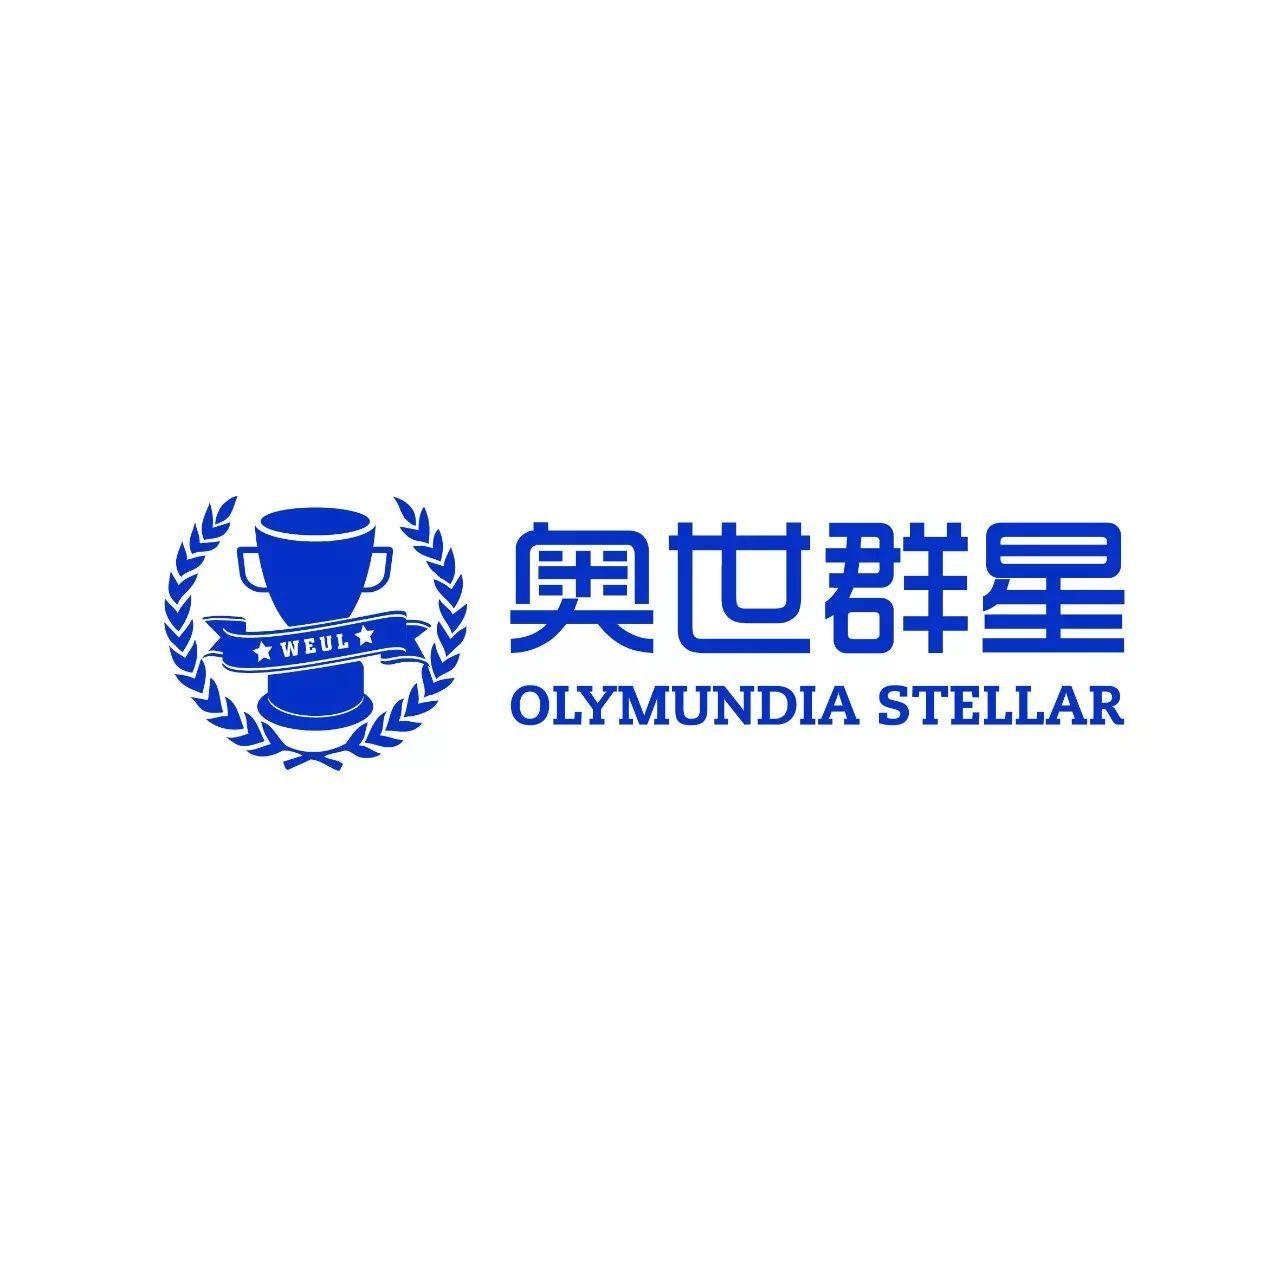 「职位推荐」在清华大学举办世界名校足球赛,奥世群星期待你的加入